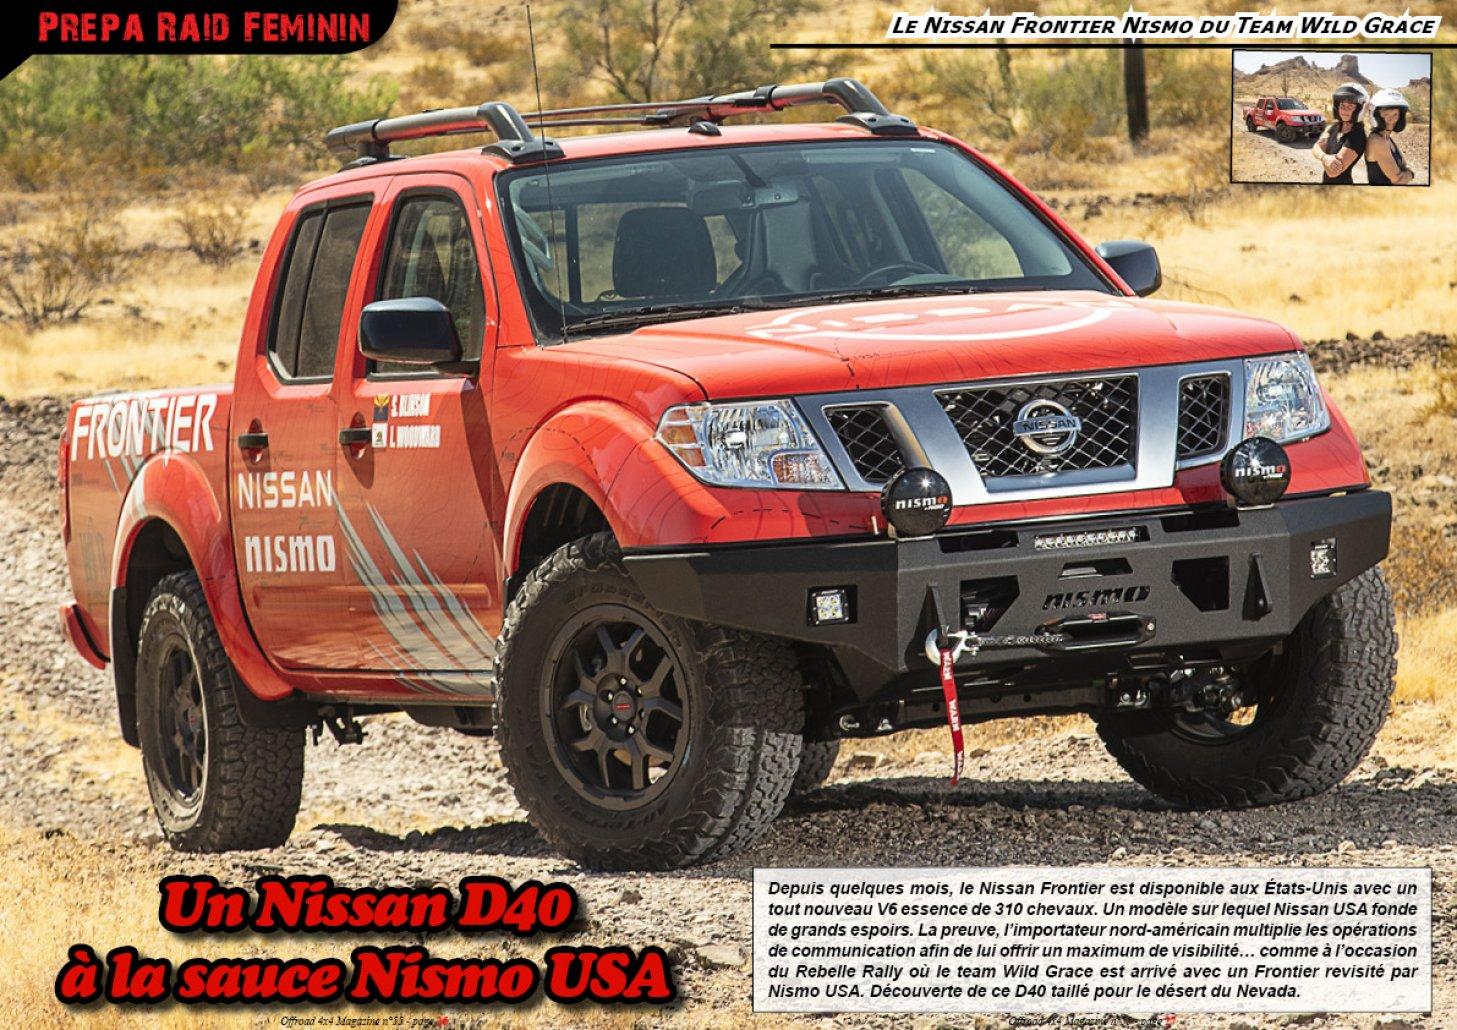 Le Nissan Frontier du Team Wild Grace